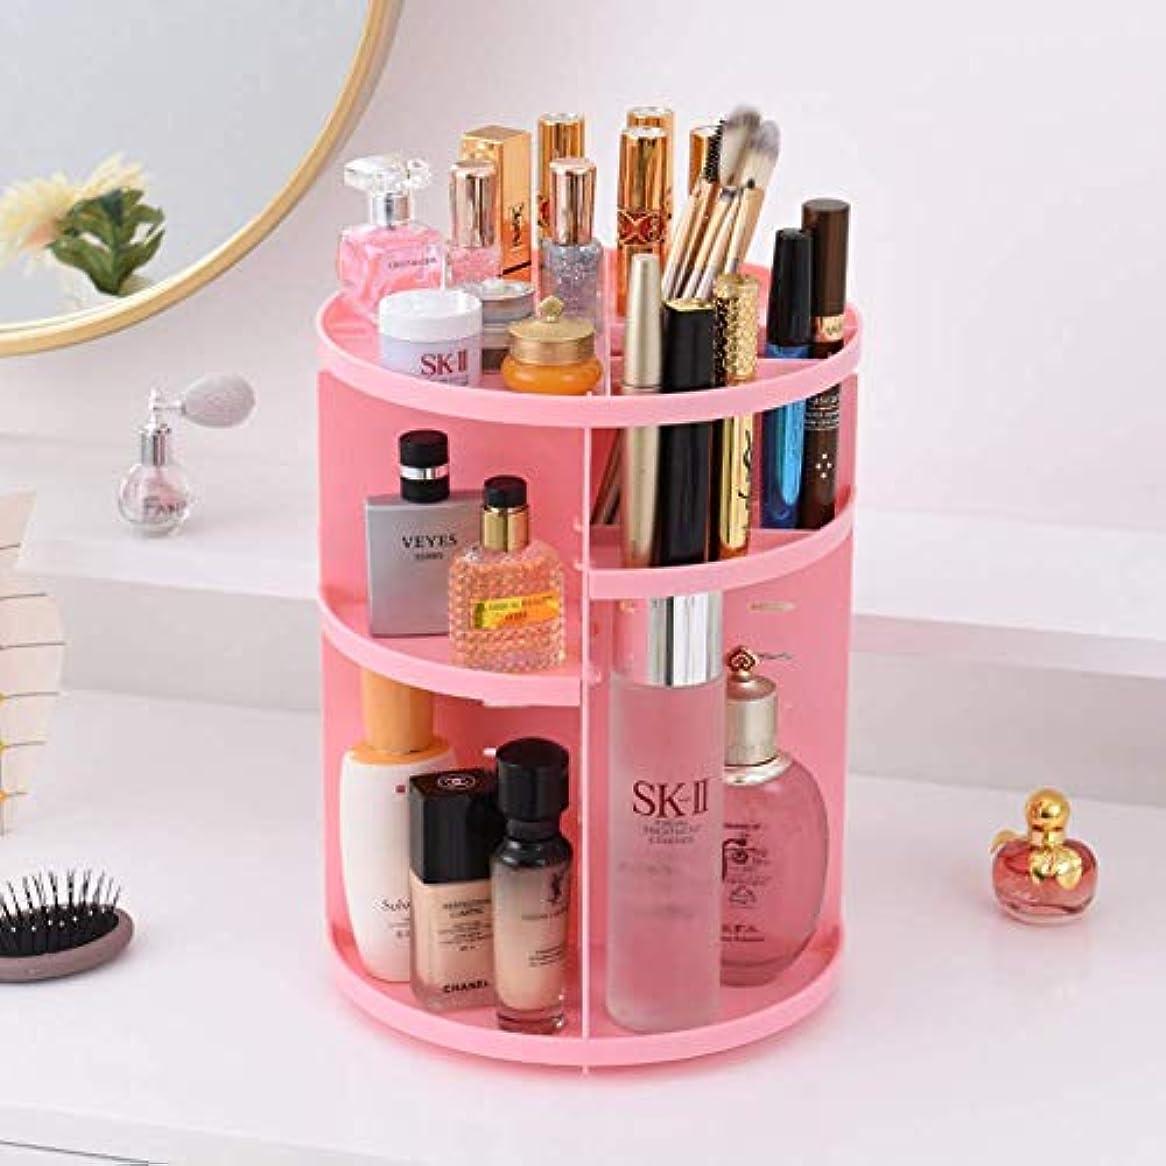 パートナー実現可能ダーリン絶妙な美しさ メイクアップオーガナイザー、360°回転化粧品収納ディスプレイボックス、浴室のための大規模なカウンター棚バニティ主催、ラウンド、C (Color : C)